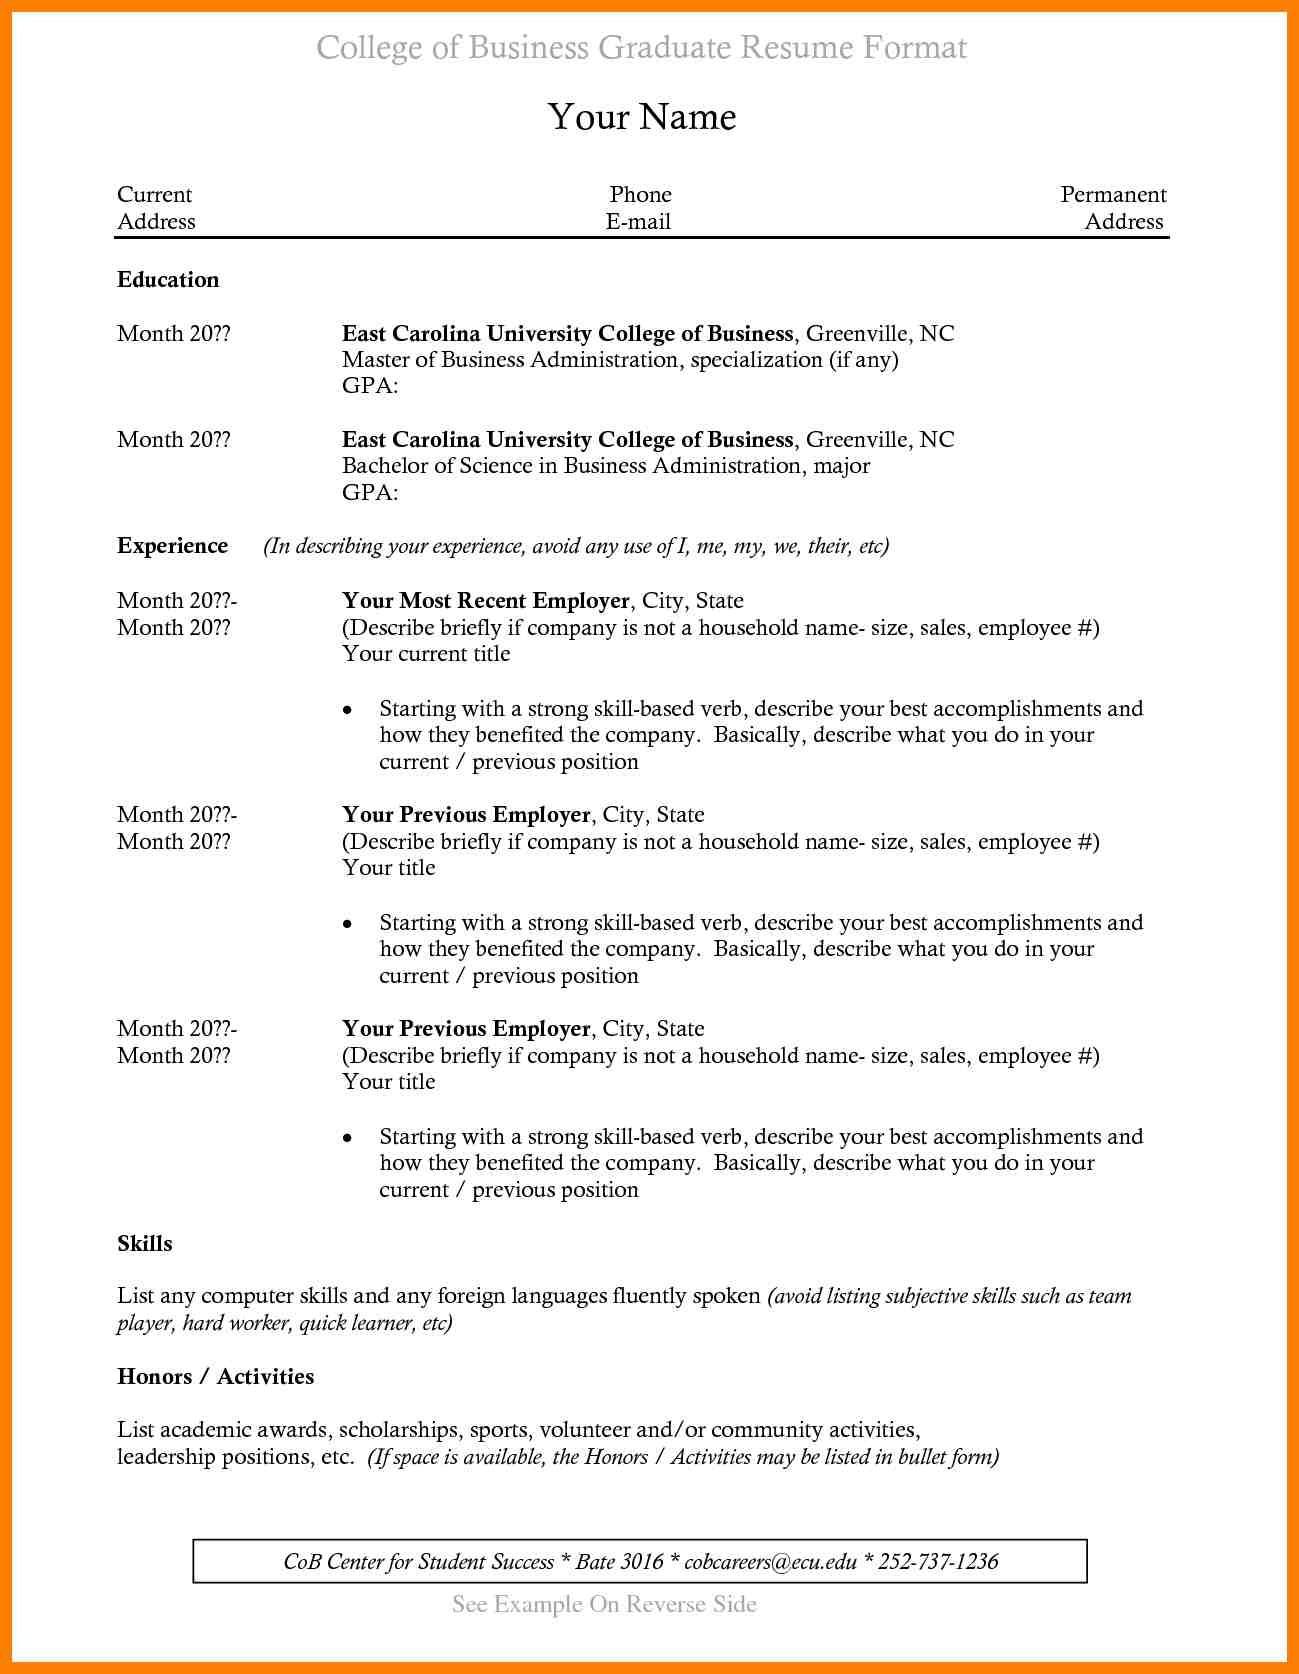 Resume Format Recent College Graduate